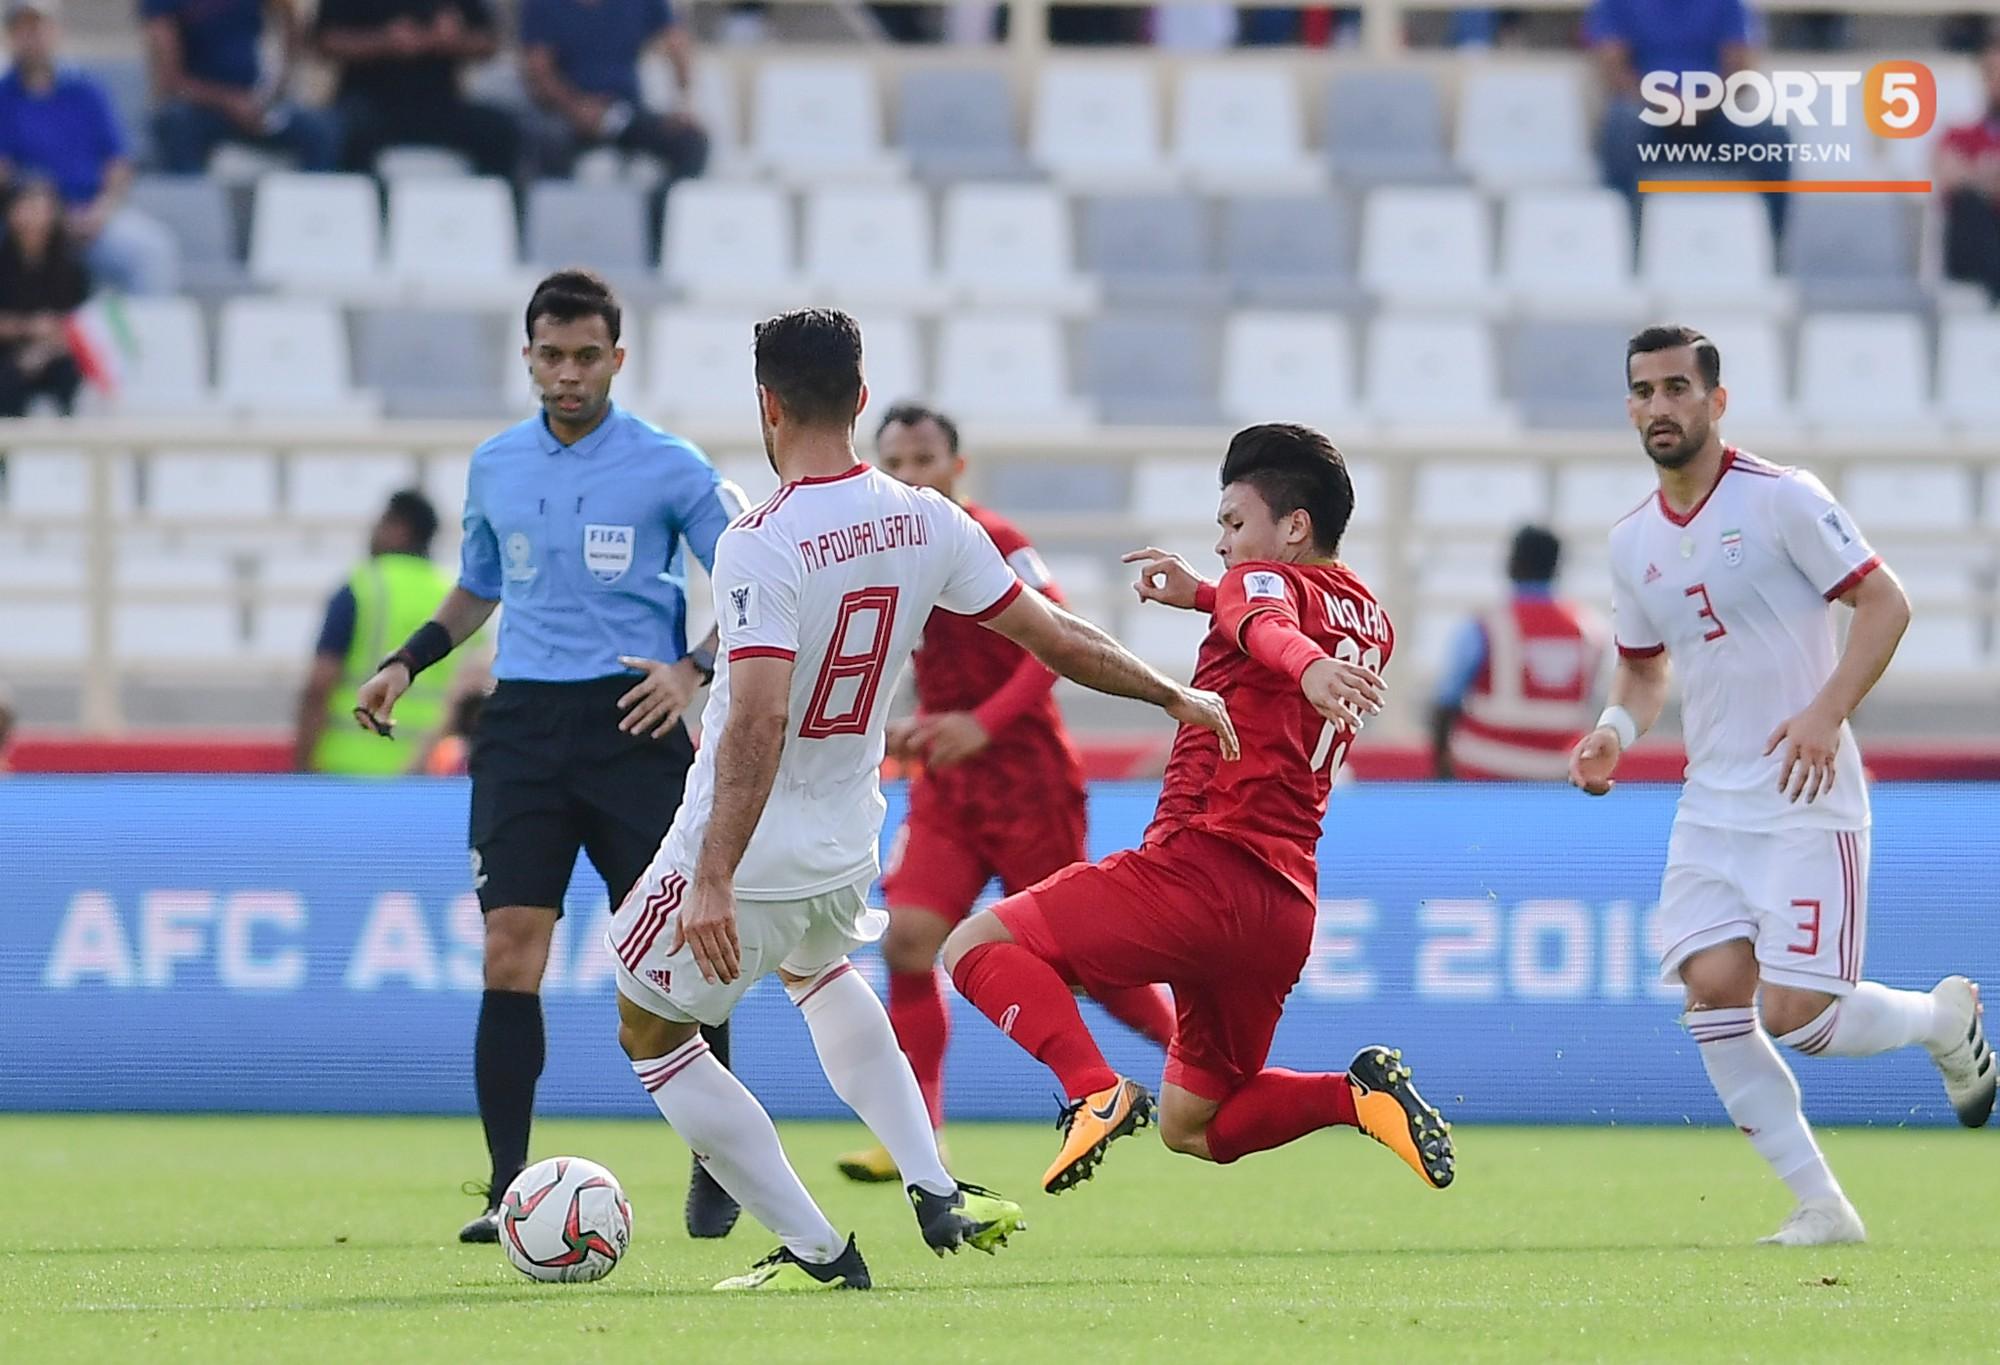 Thua Iran nhưng tinh thần quả cảm của các chàng trai Việt Nam đã đánh cắp trái tim fan quốc tế - Ảnh 2.